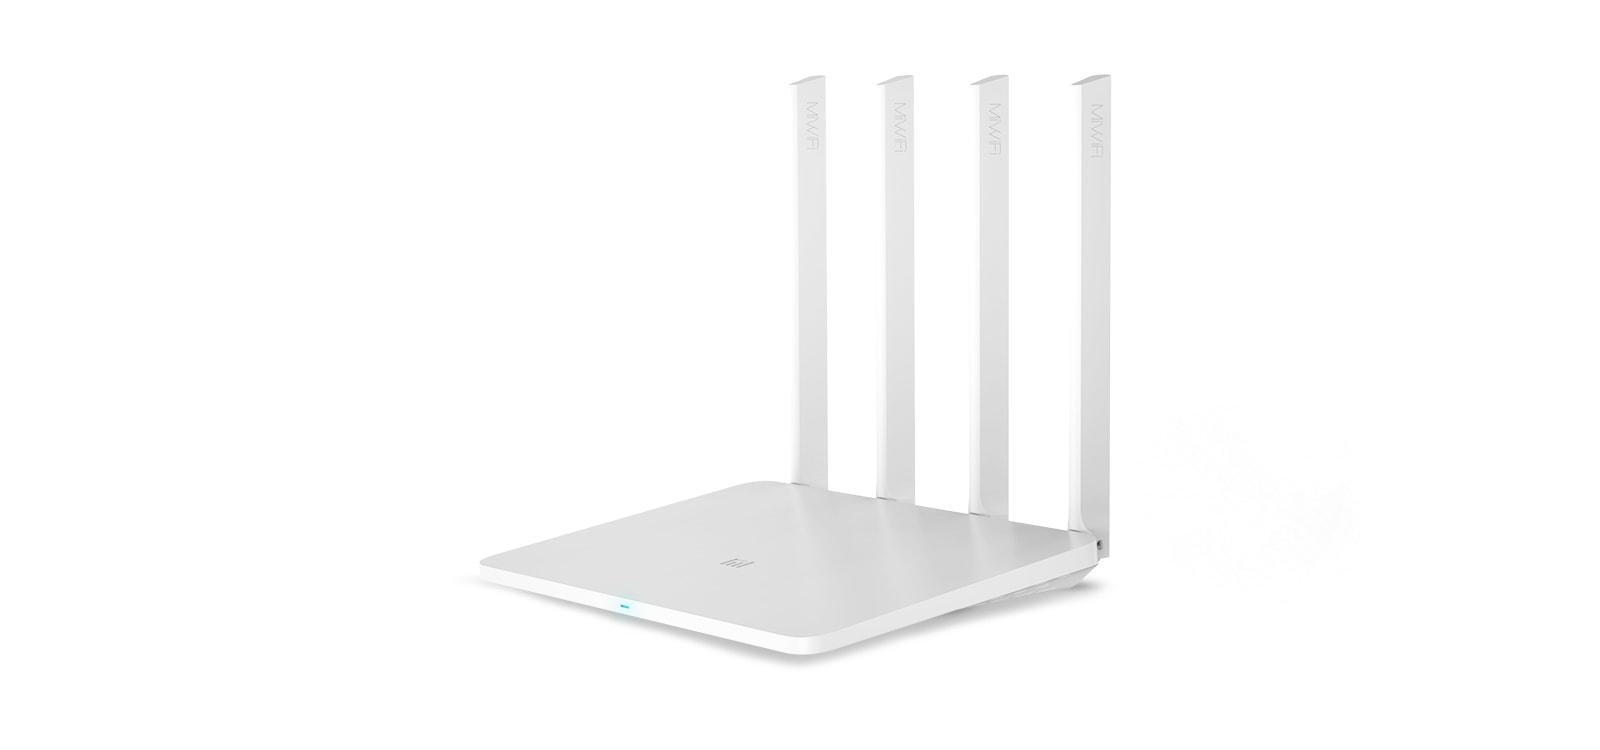 Роутер Xiaomi (Mi) Wi-Fi 3G White